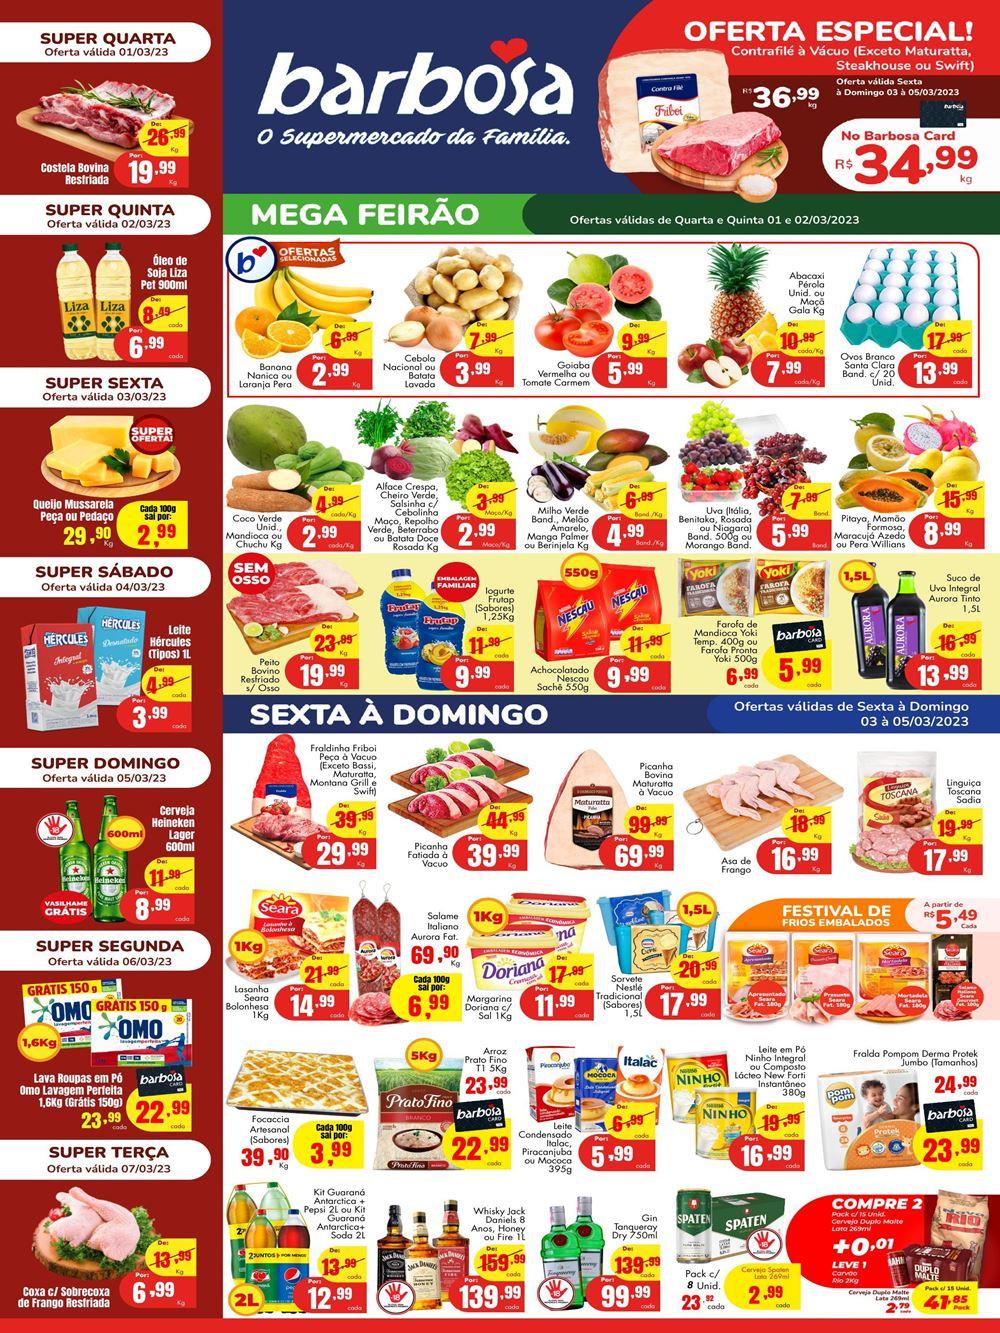 barbosa-ofertas-descontos-hoje1-22 Ofertas de supermercados